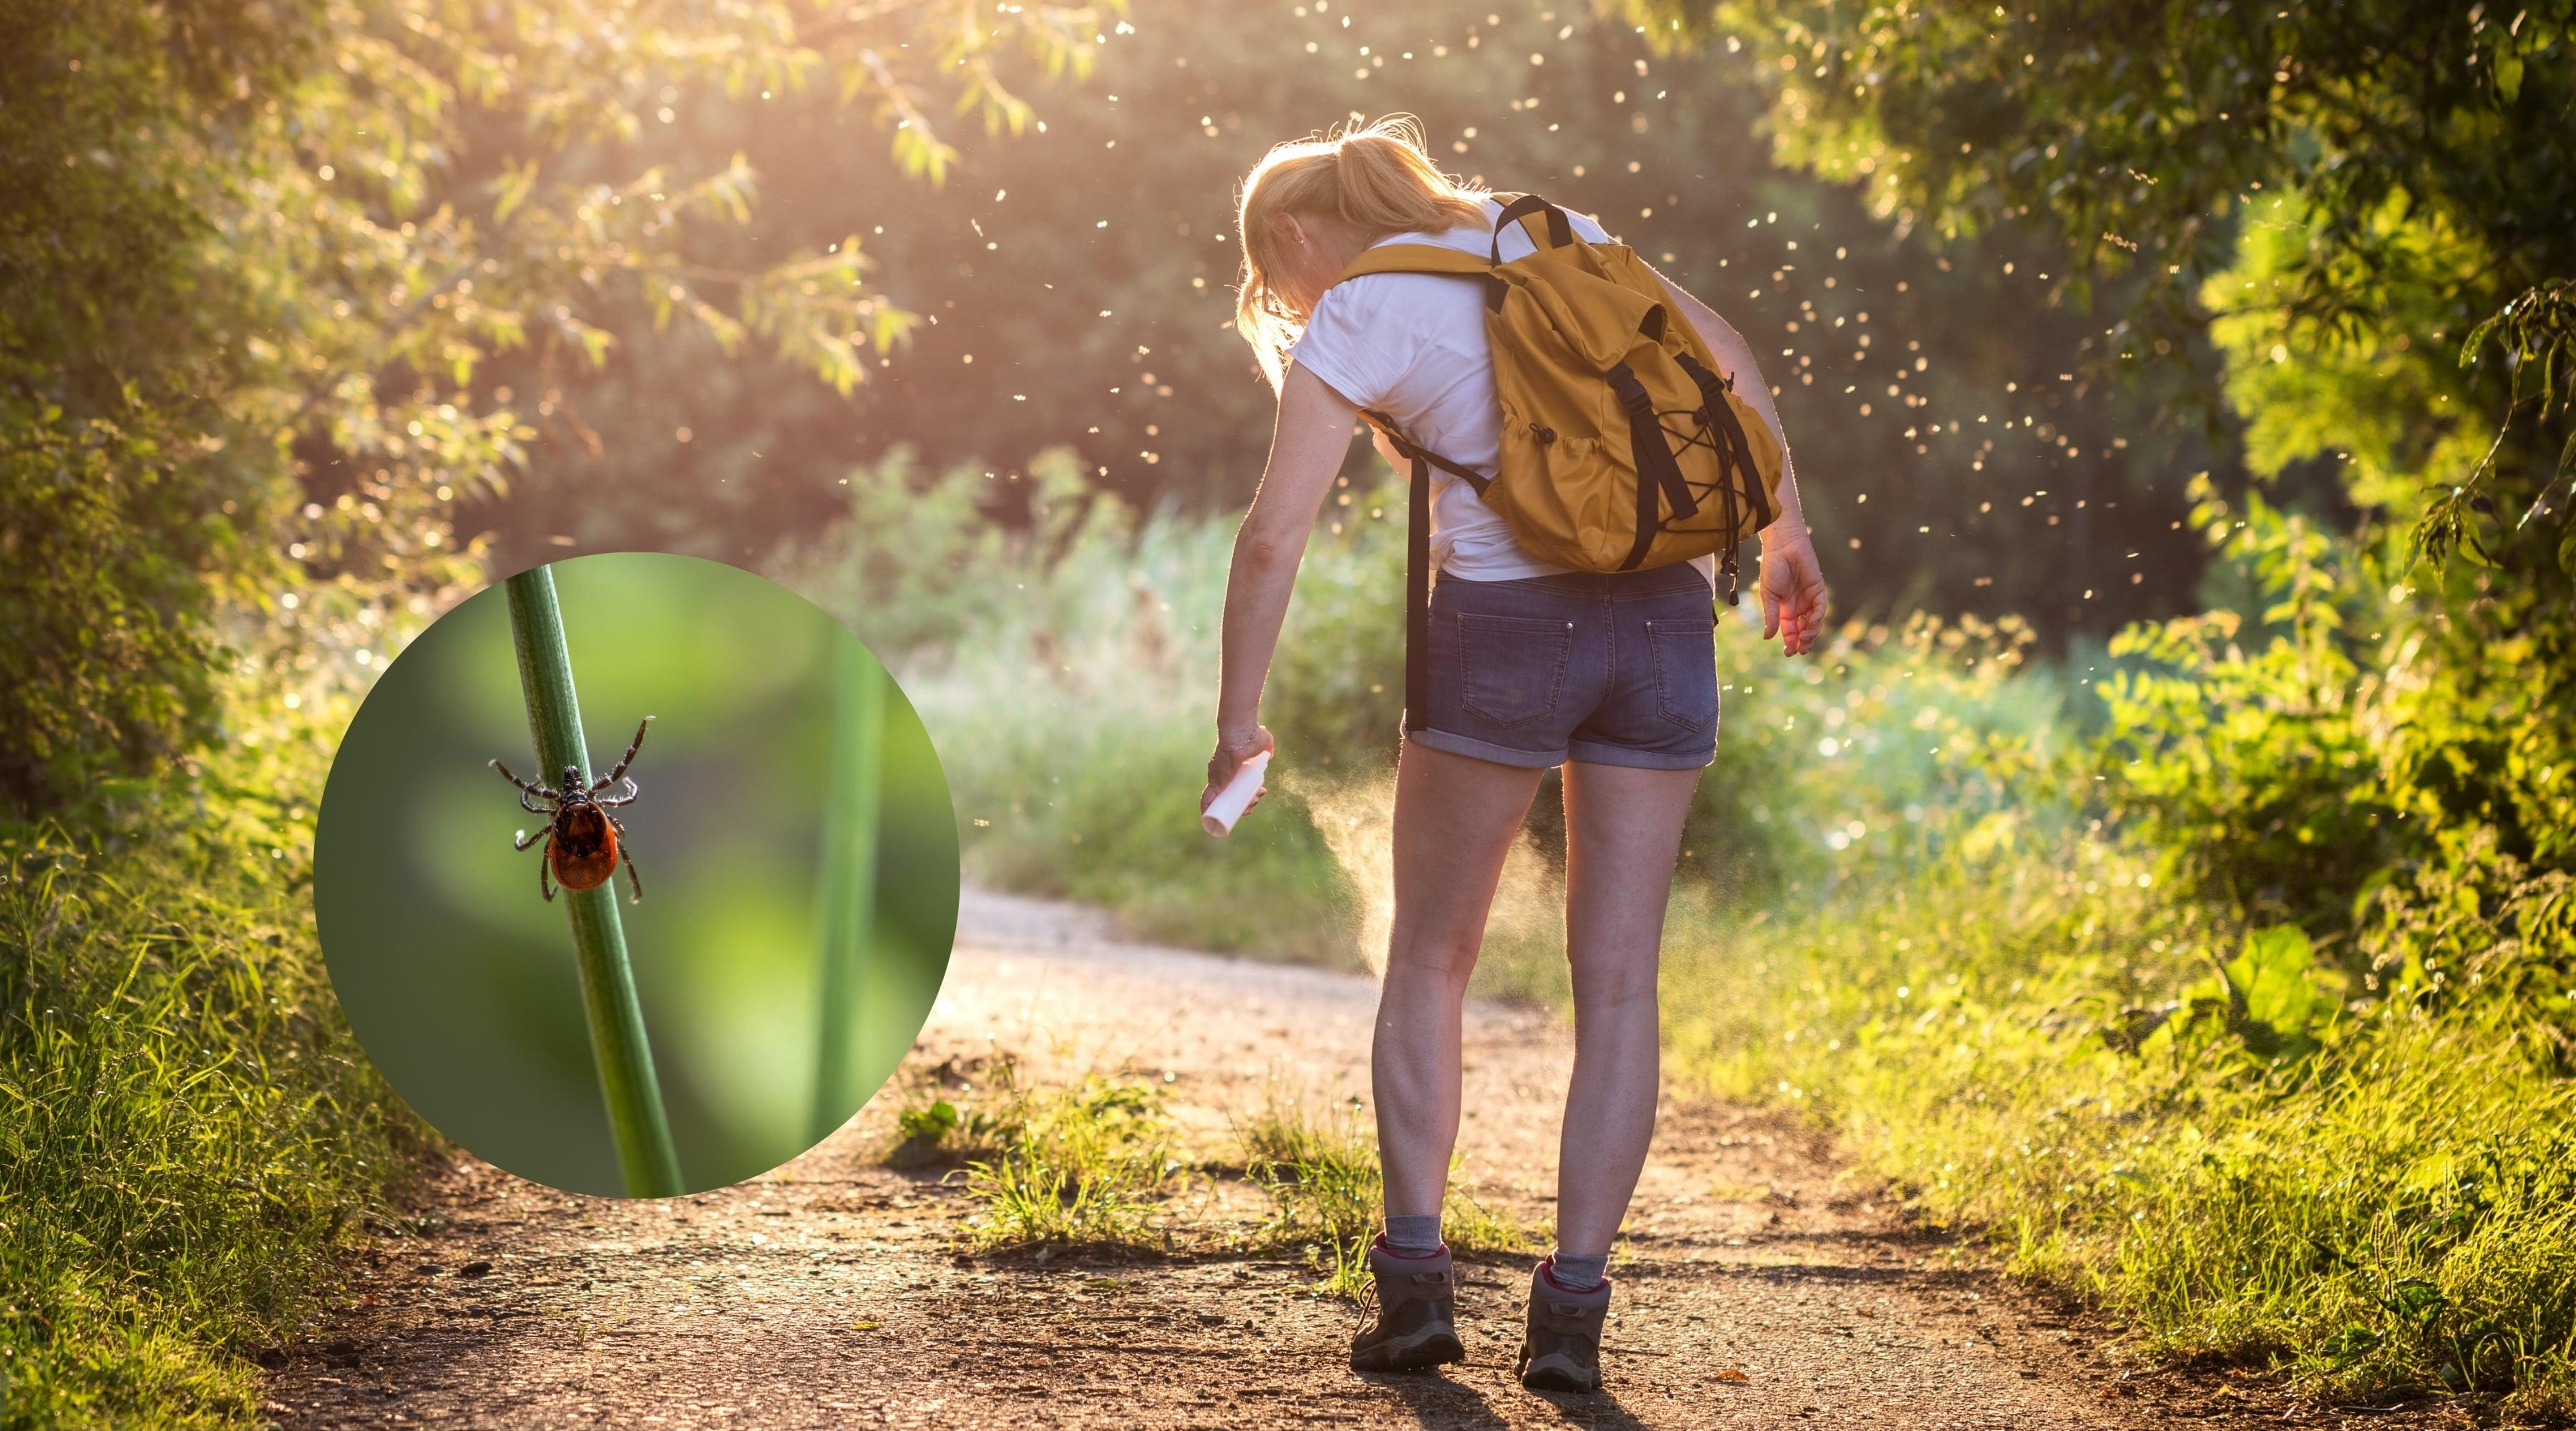 Naturligt mygg- och fästingmedel – så enkelt blandar du ett giftfritt